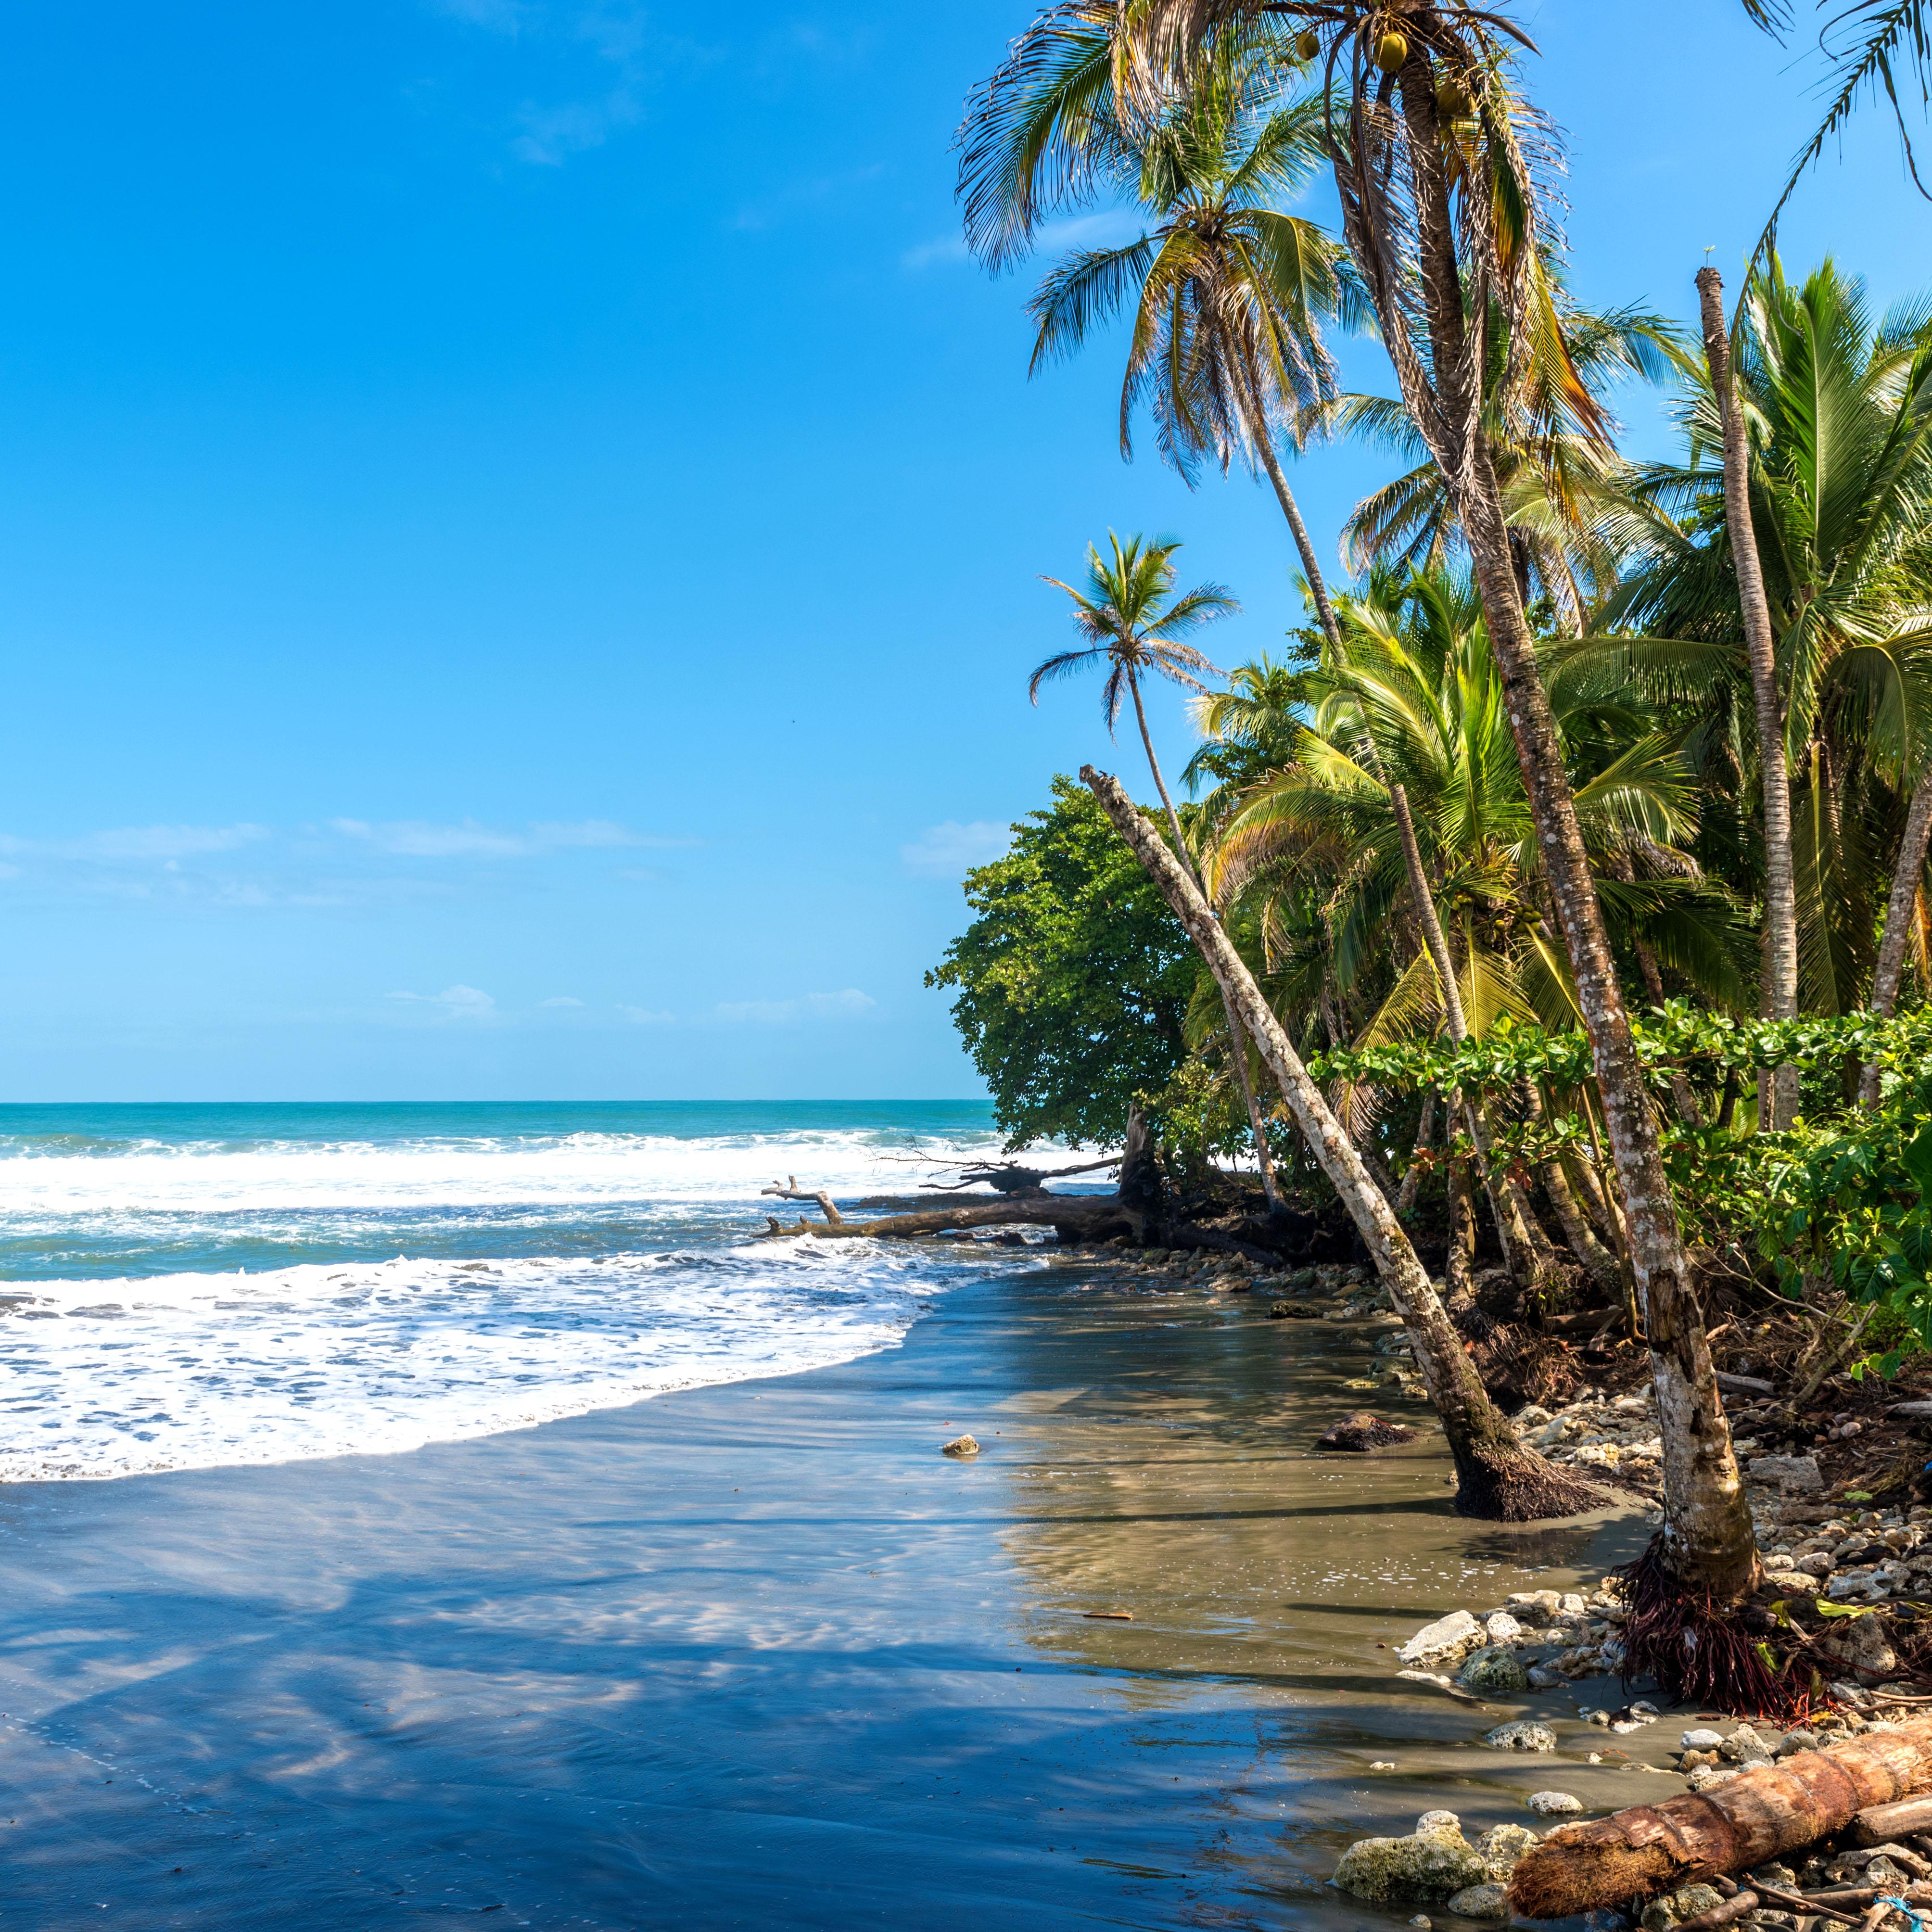 Rastafaris, playas de arena negra y excelente comida en un pueblo muy pintoresco - Costa Rica Gran Viaje Costa Rica Express con Manuel Antonio